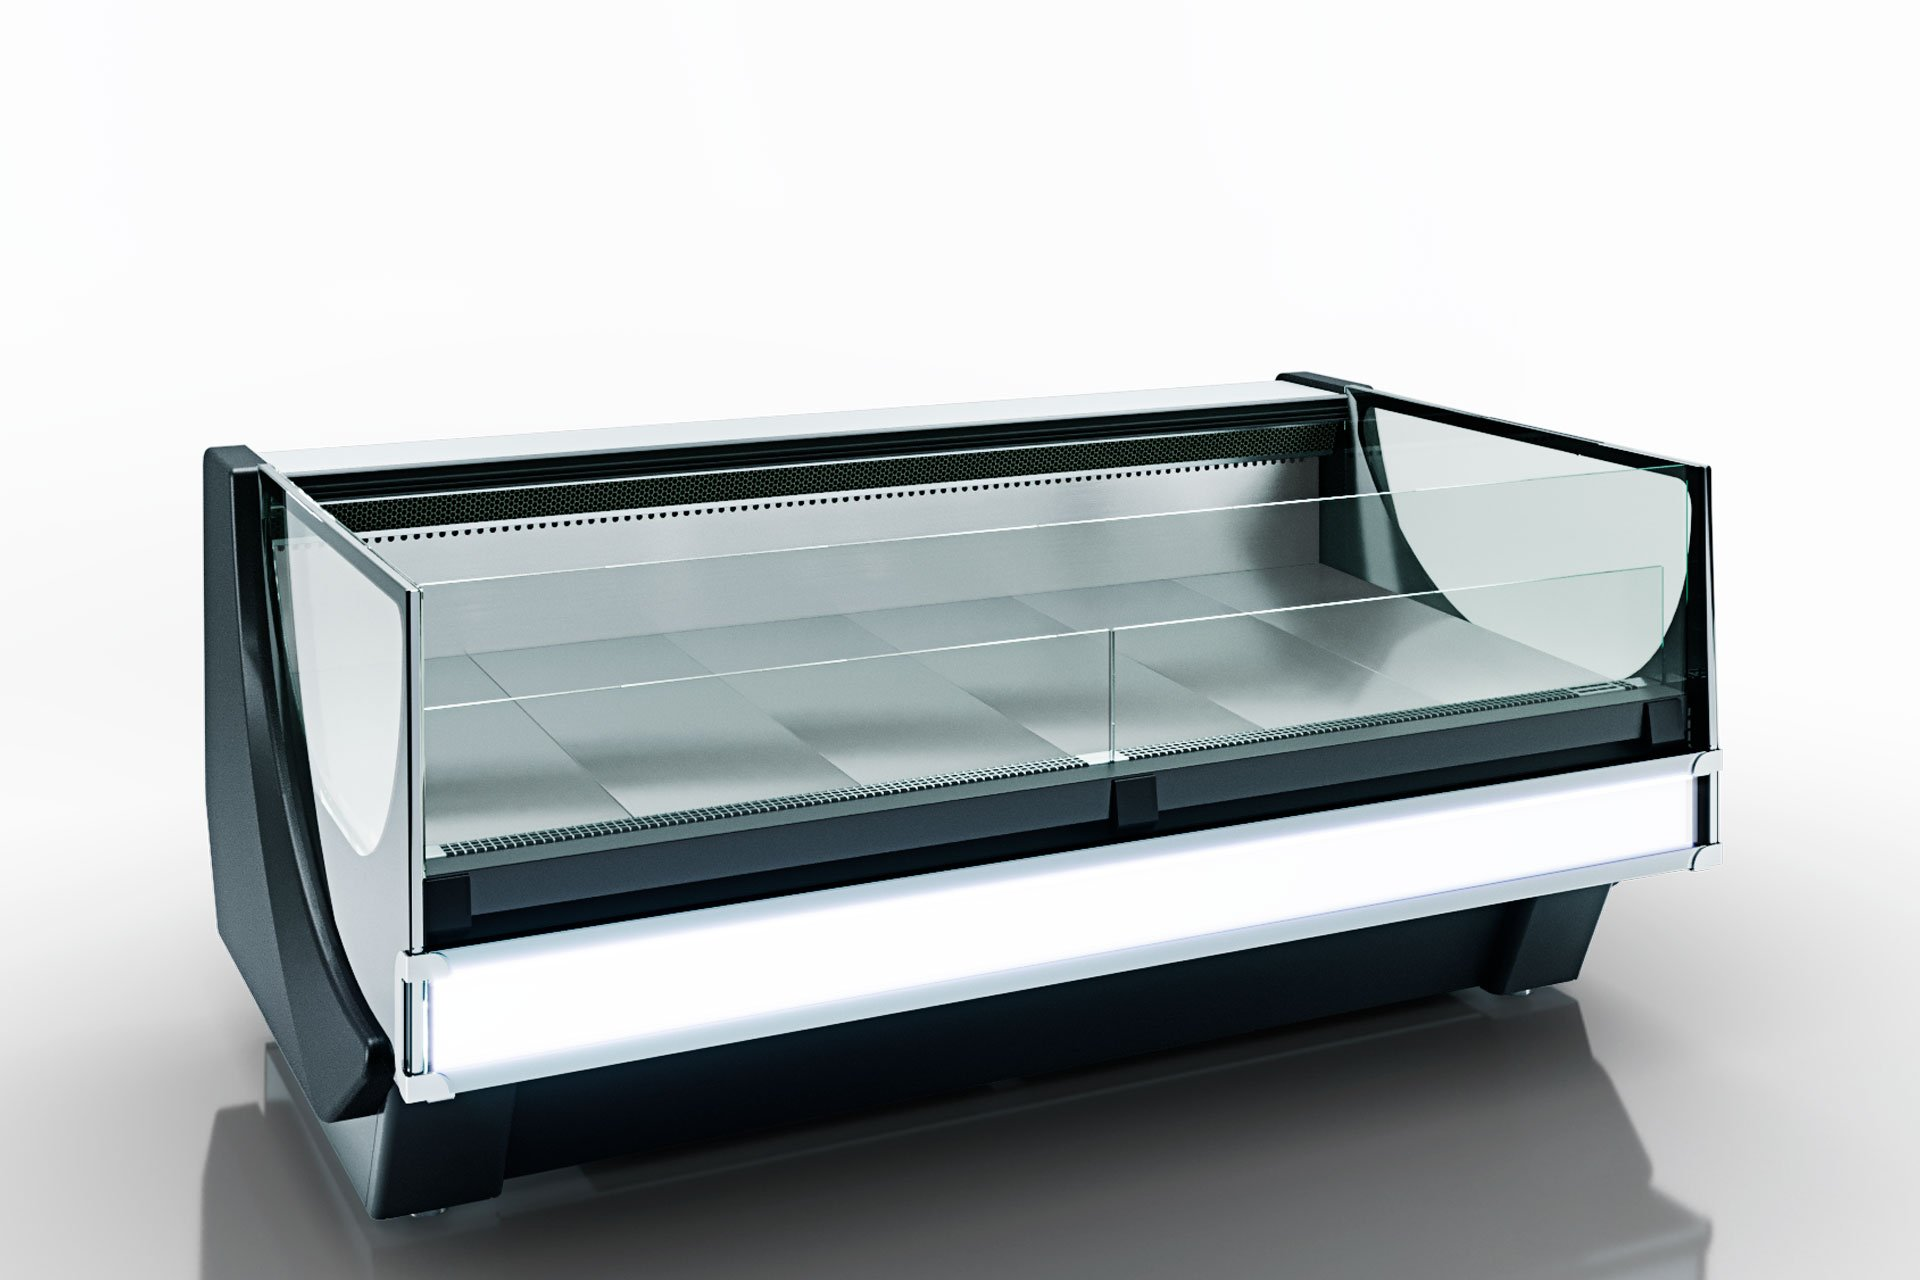 Холодильна вітрина Missouri cold diamond MC 115 deli self 084-DLM/DLA